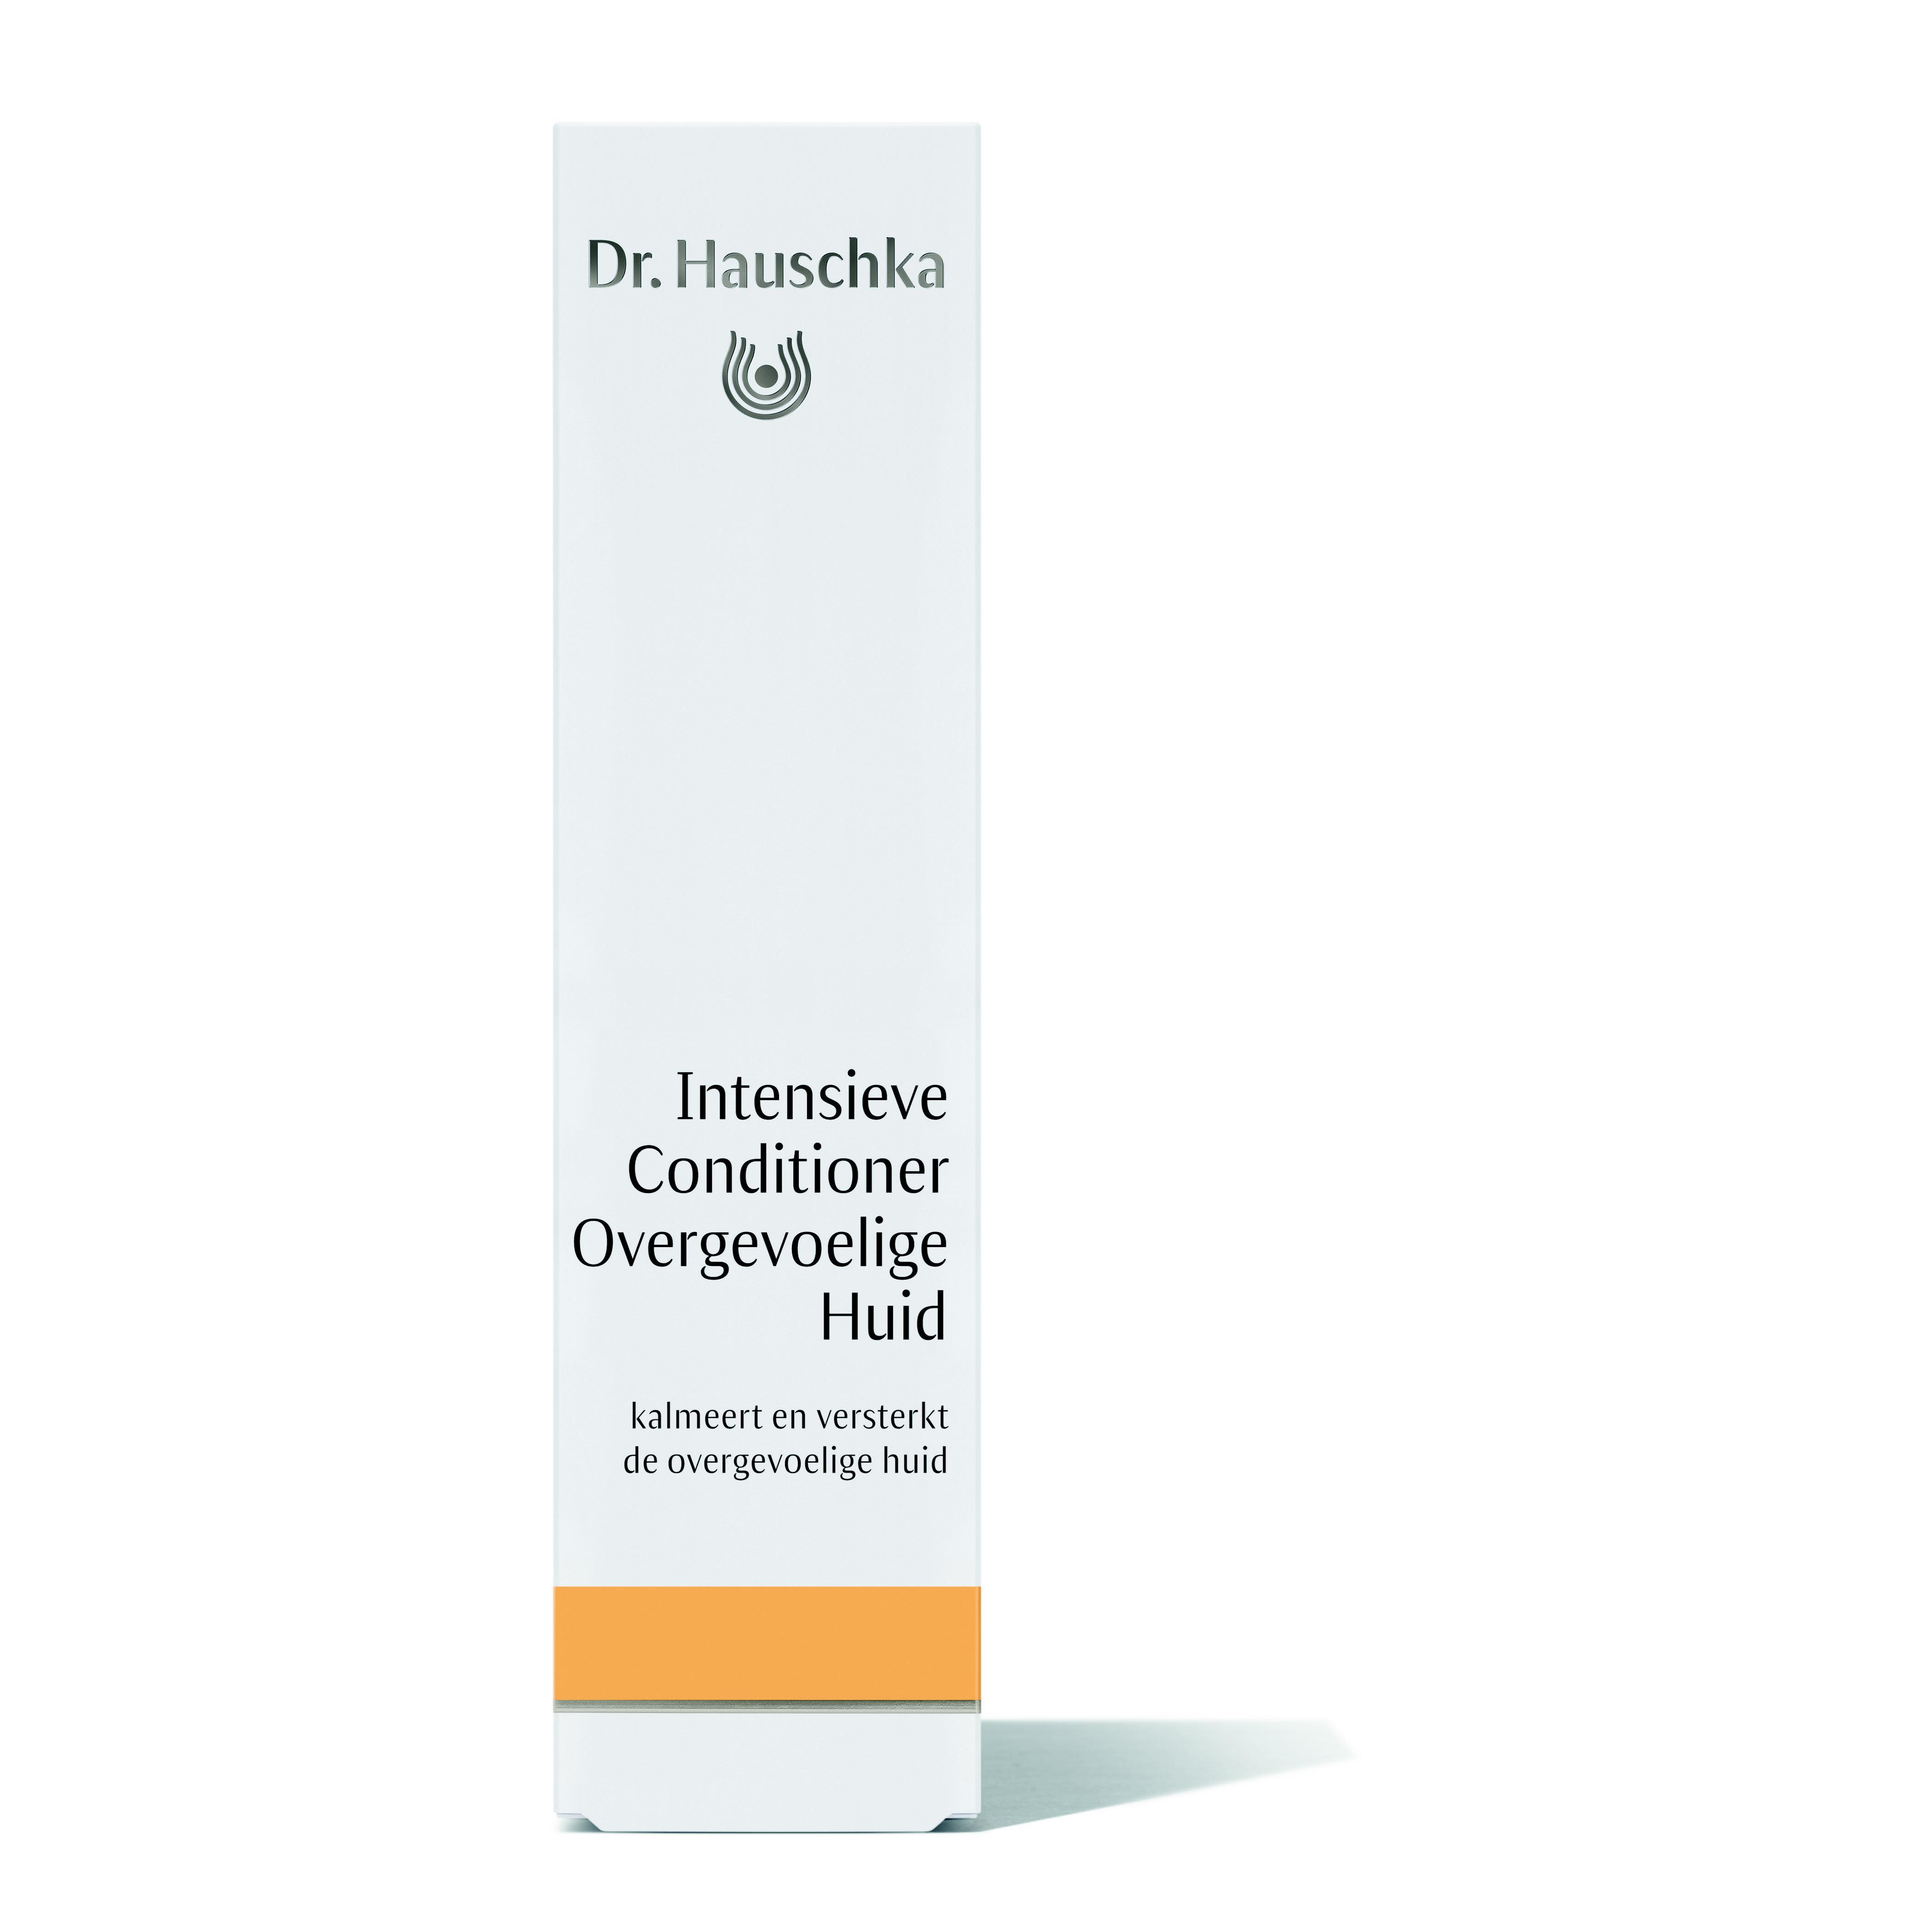 Dr Hauschka Intensieve Conditioner Overgevoelige Huid (voorheen Intensieve Conditioner 03) 40 ml